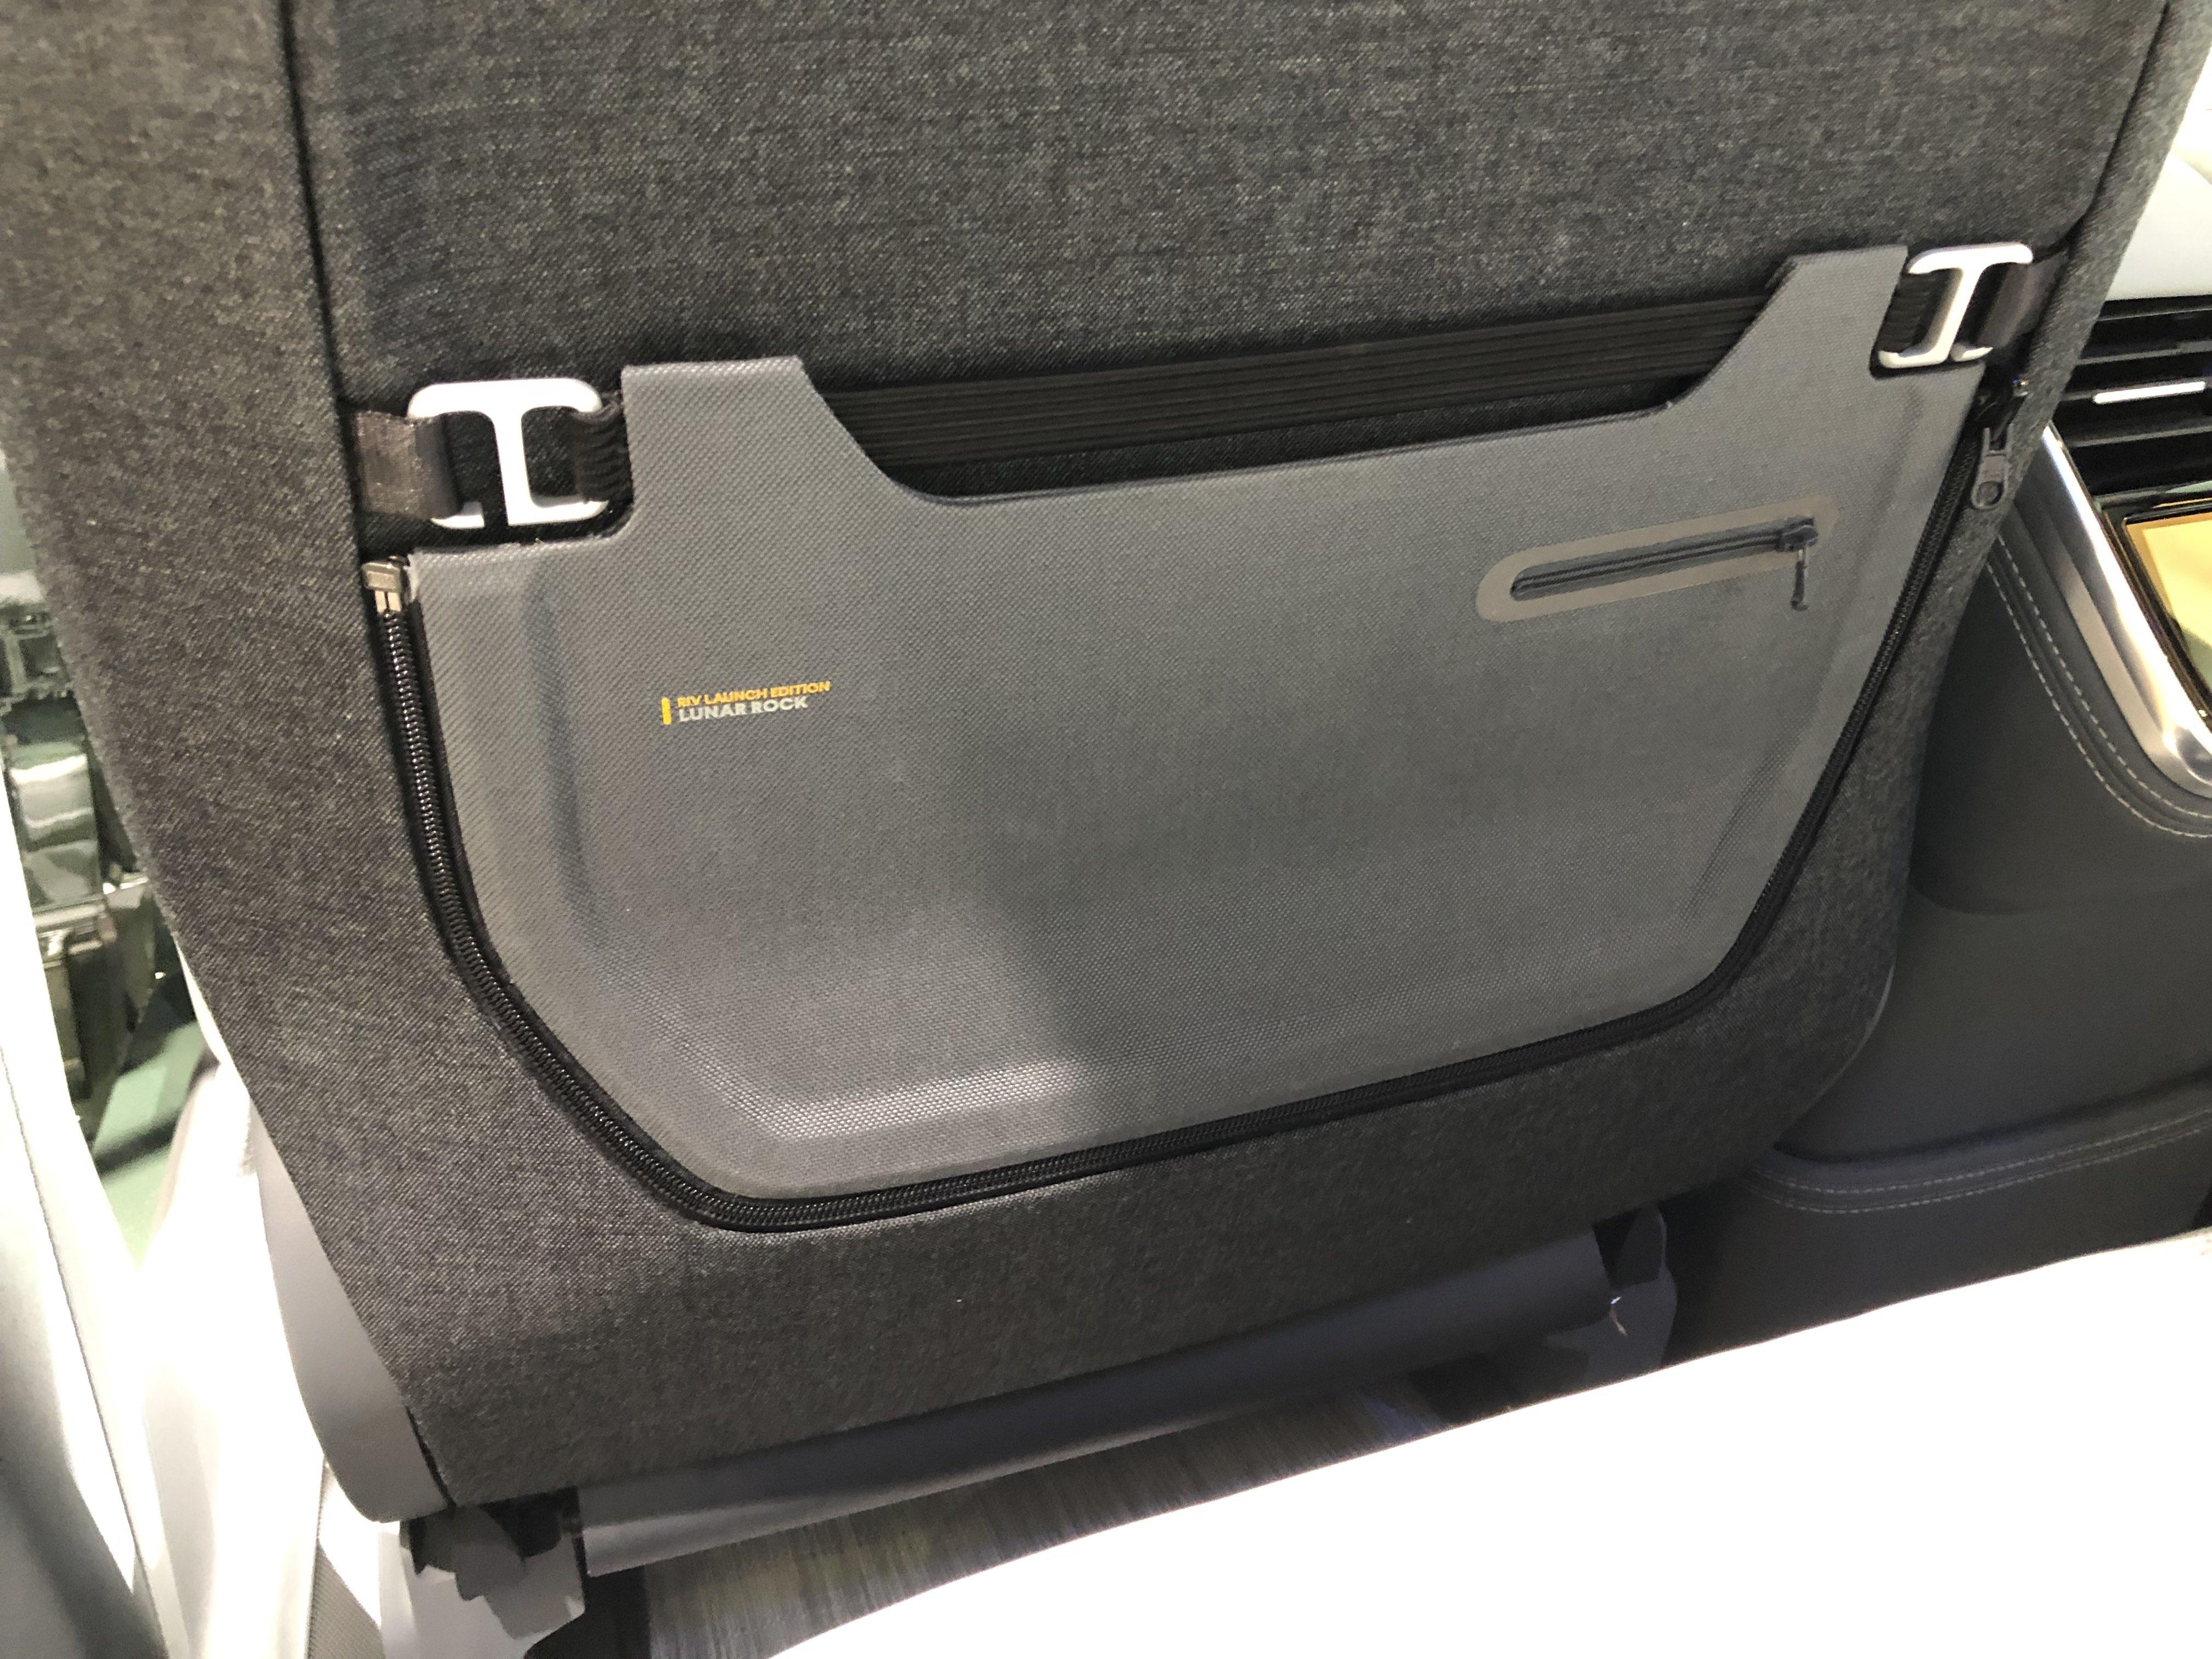 Rivian Rear Backseat Pocket Pouch